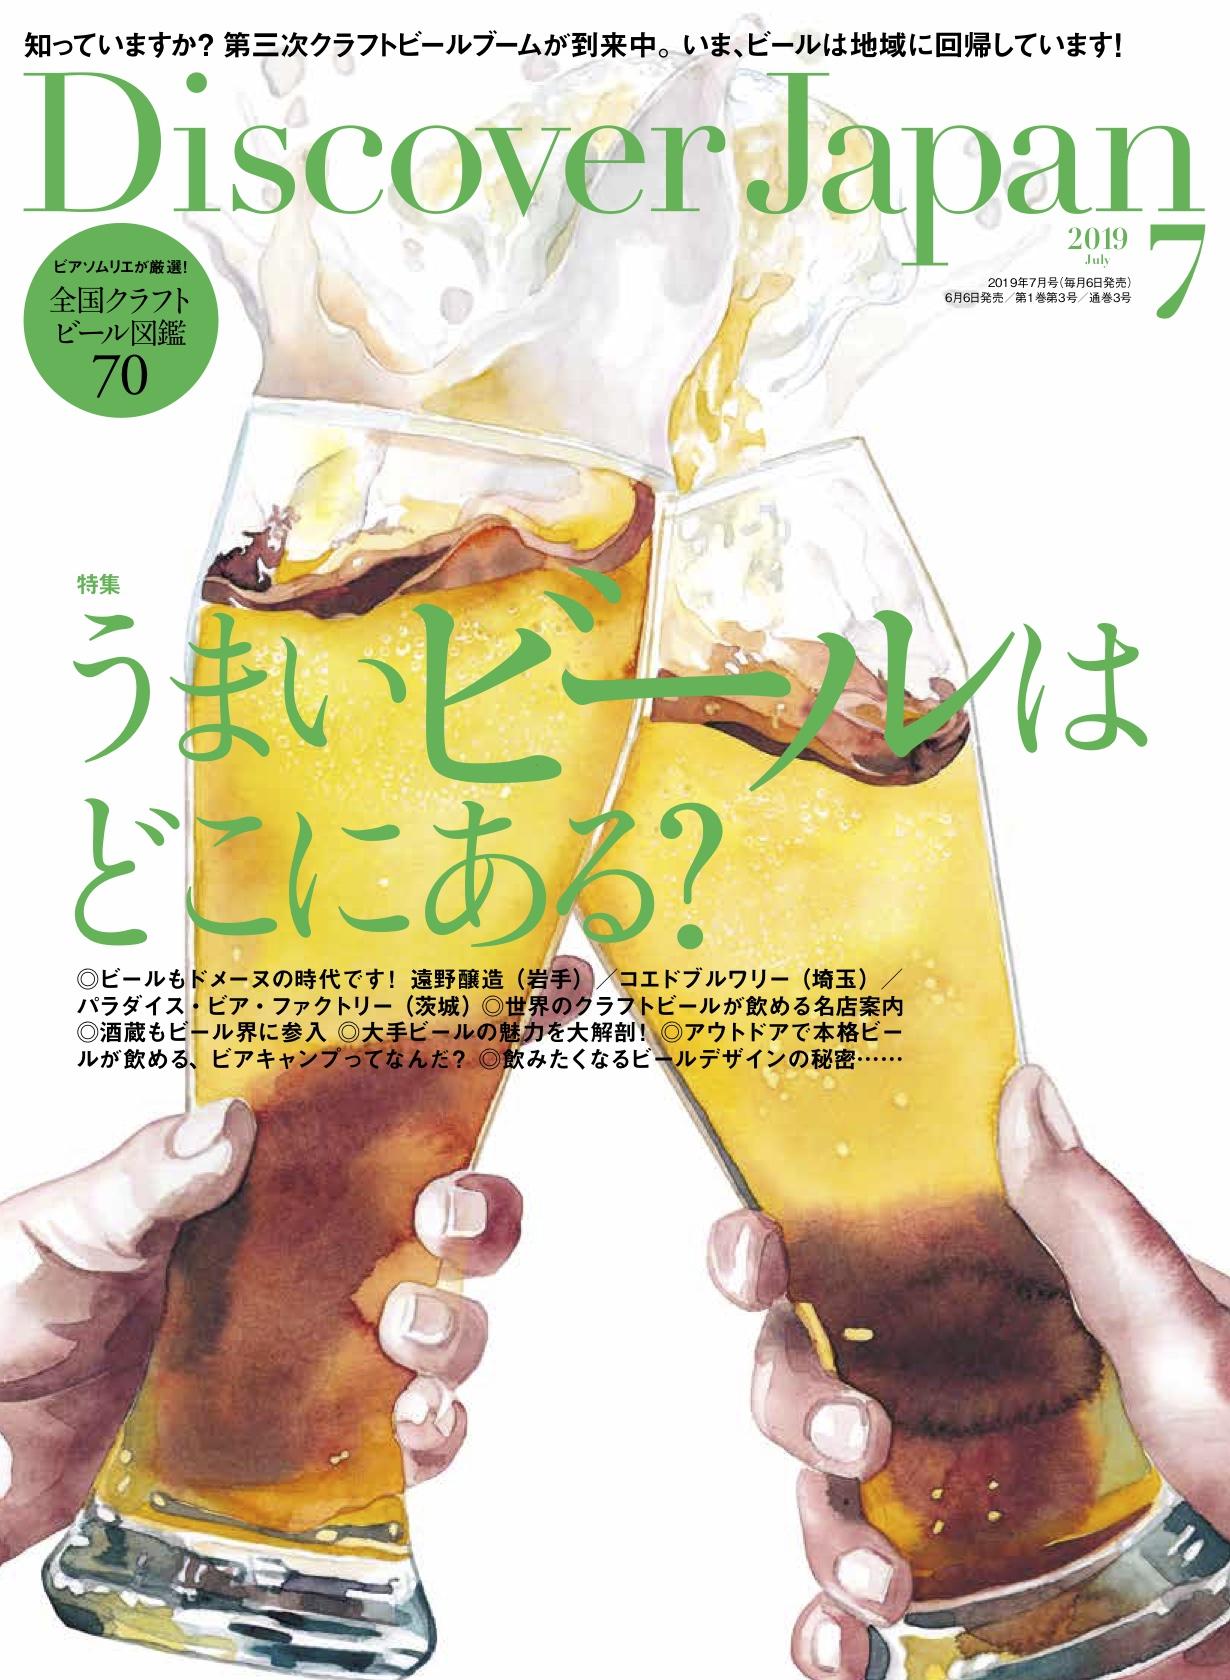 ビールの季節が到来!「Discover Japan 」7月号でクラフトビールブームを大特集!